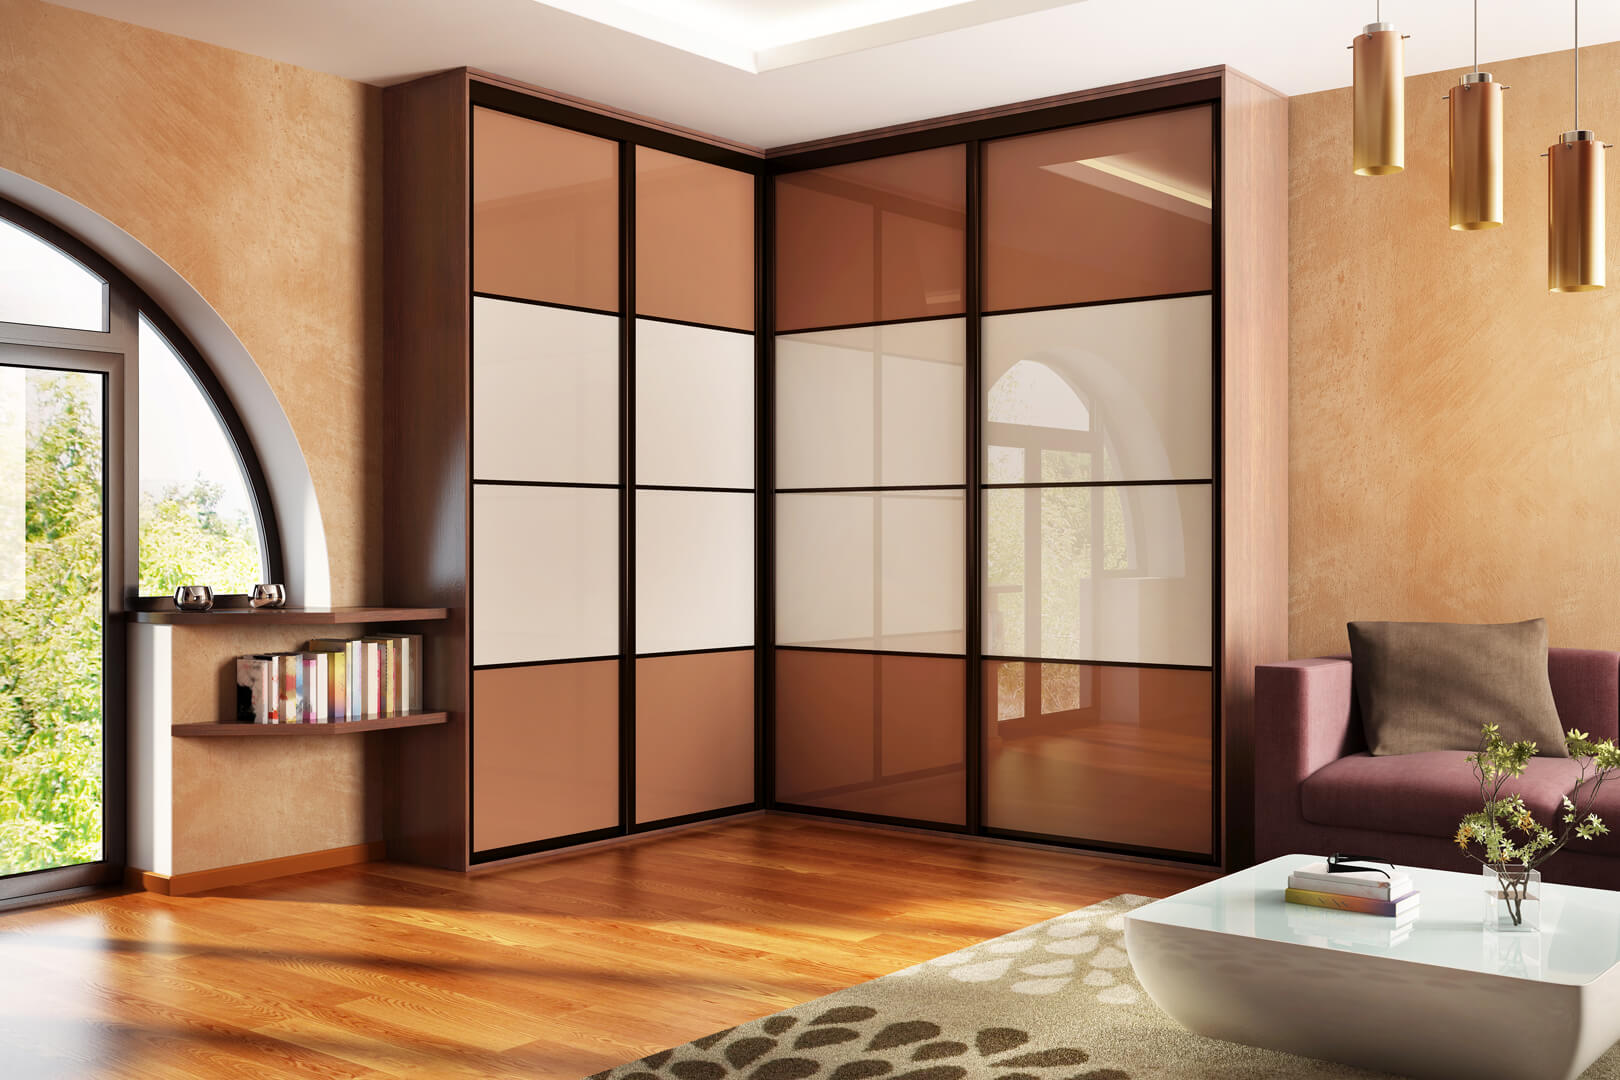 Szafa narożna z szklanymi białymi i brązowymi drzwiami przesuwnymi w salonie